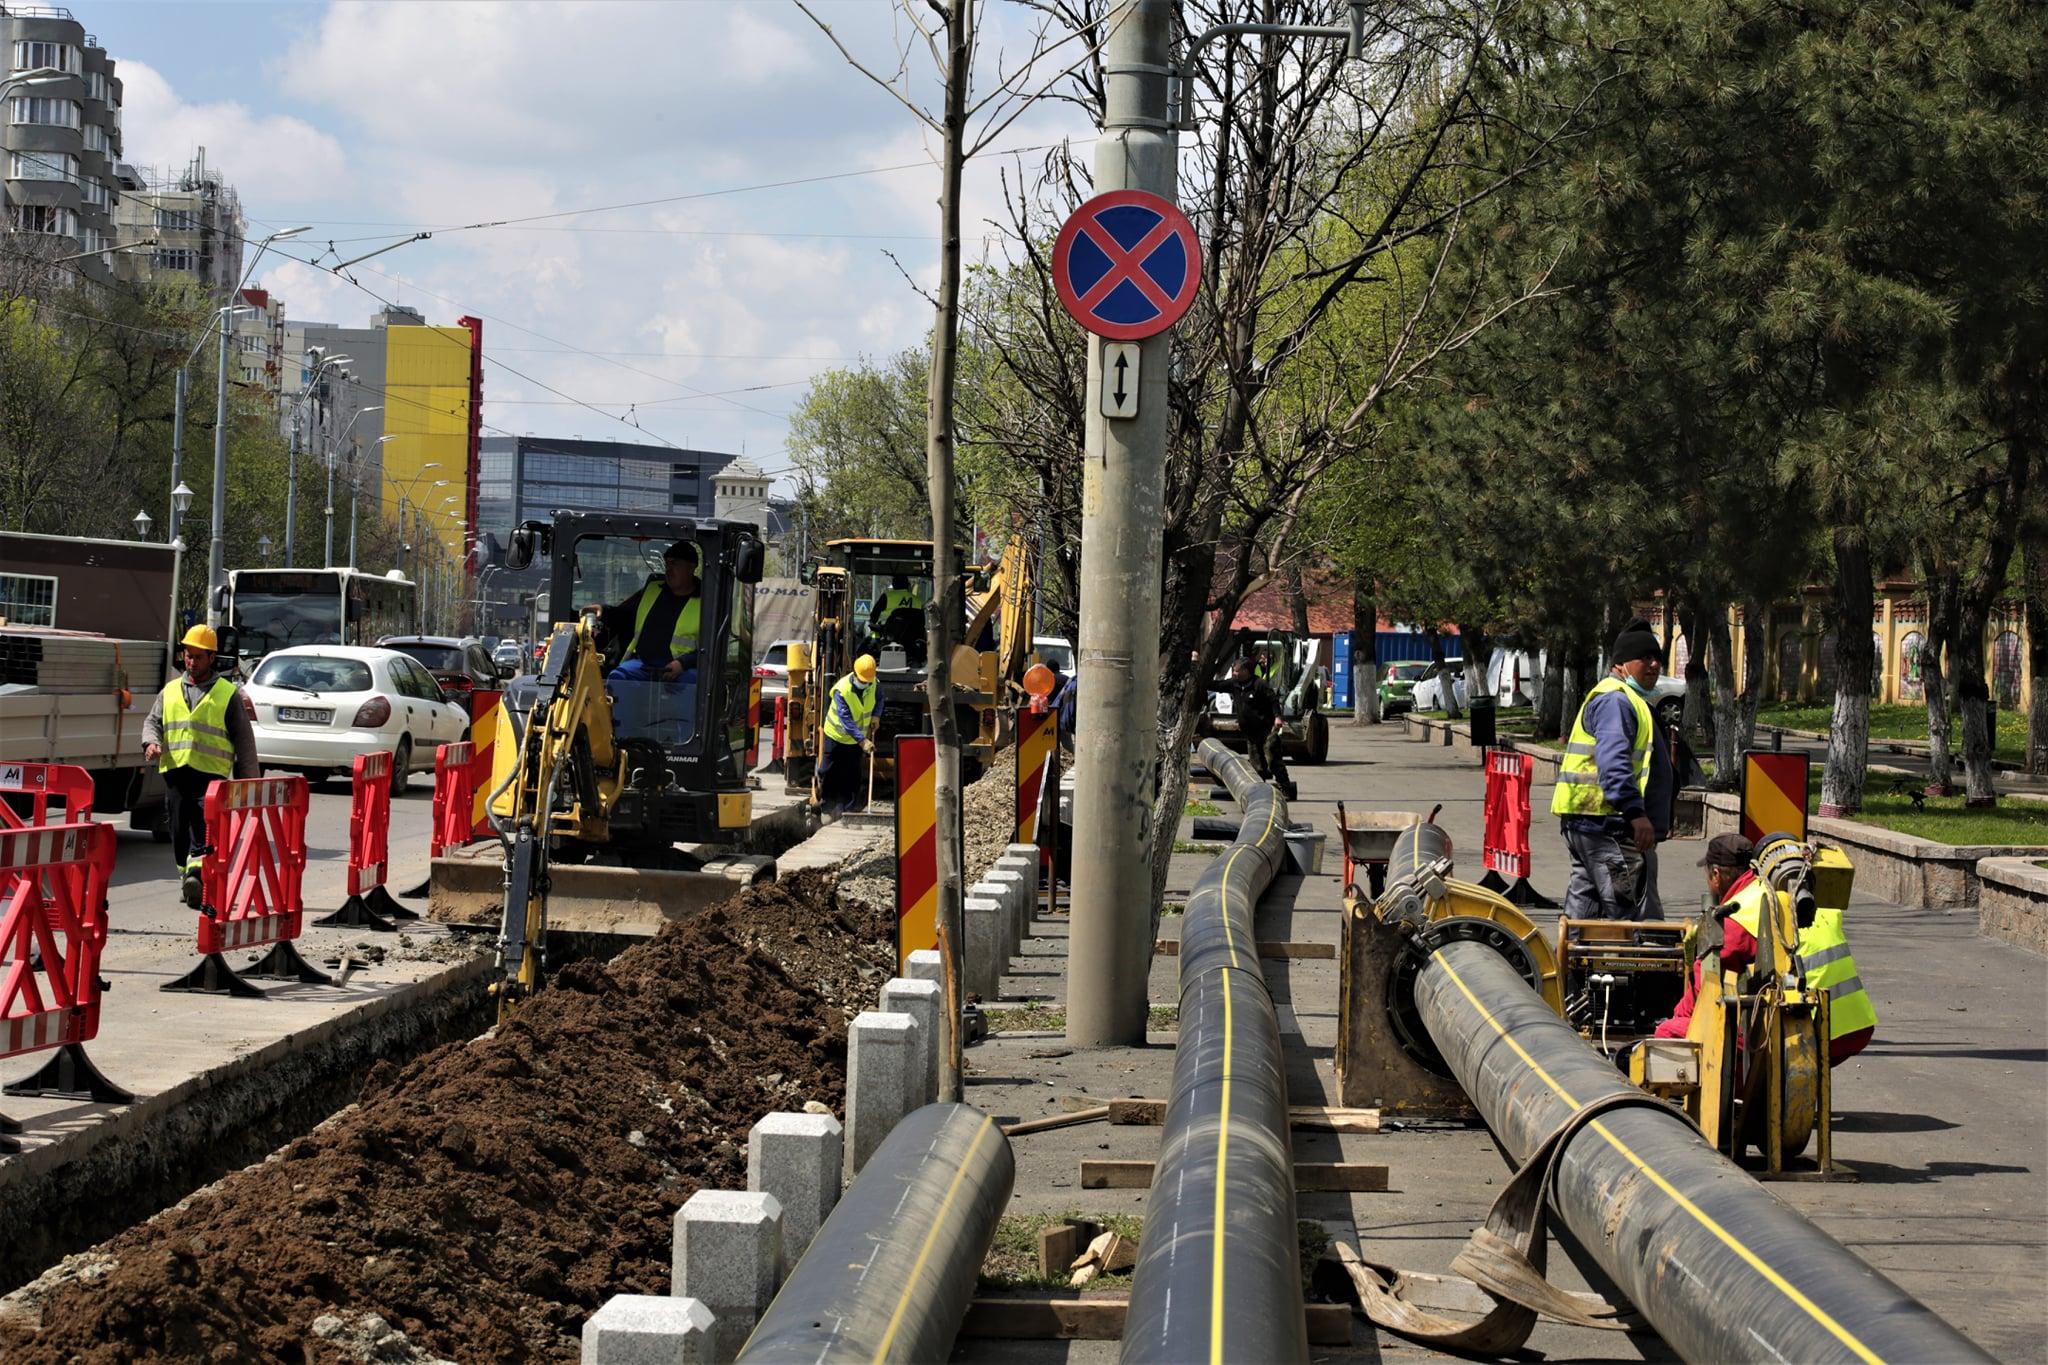 Primarul Sectorului 4 anunță că Șoseaua Olteniței va intra într-un amplu proces de reabilitare și modernizare